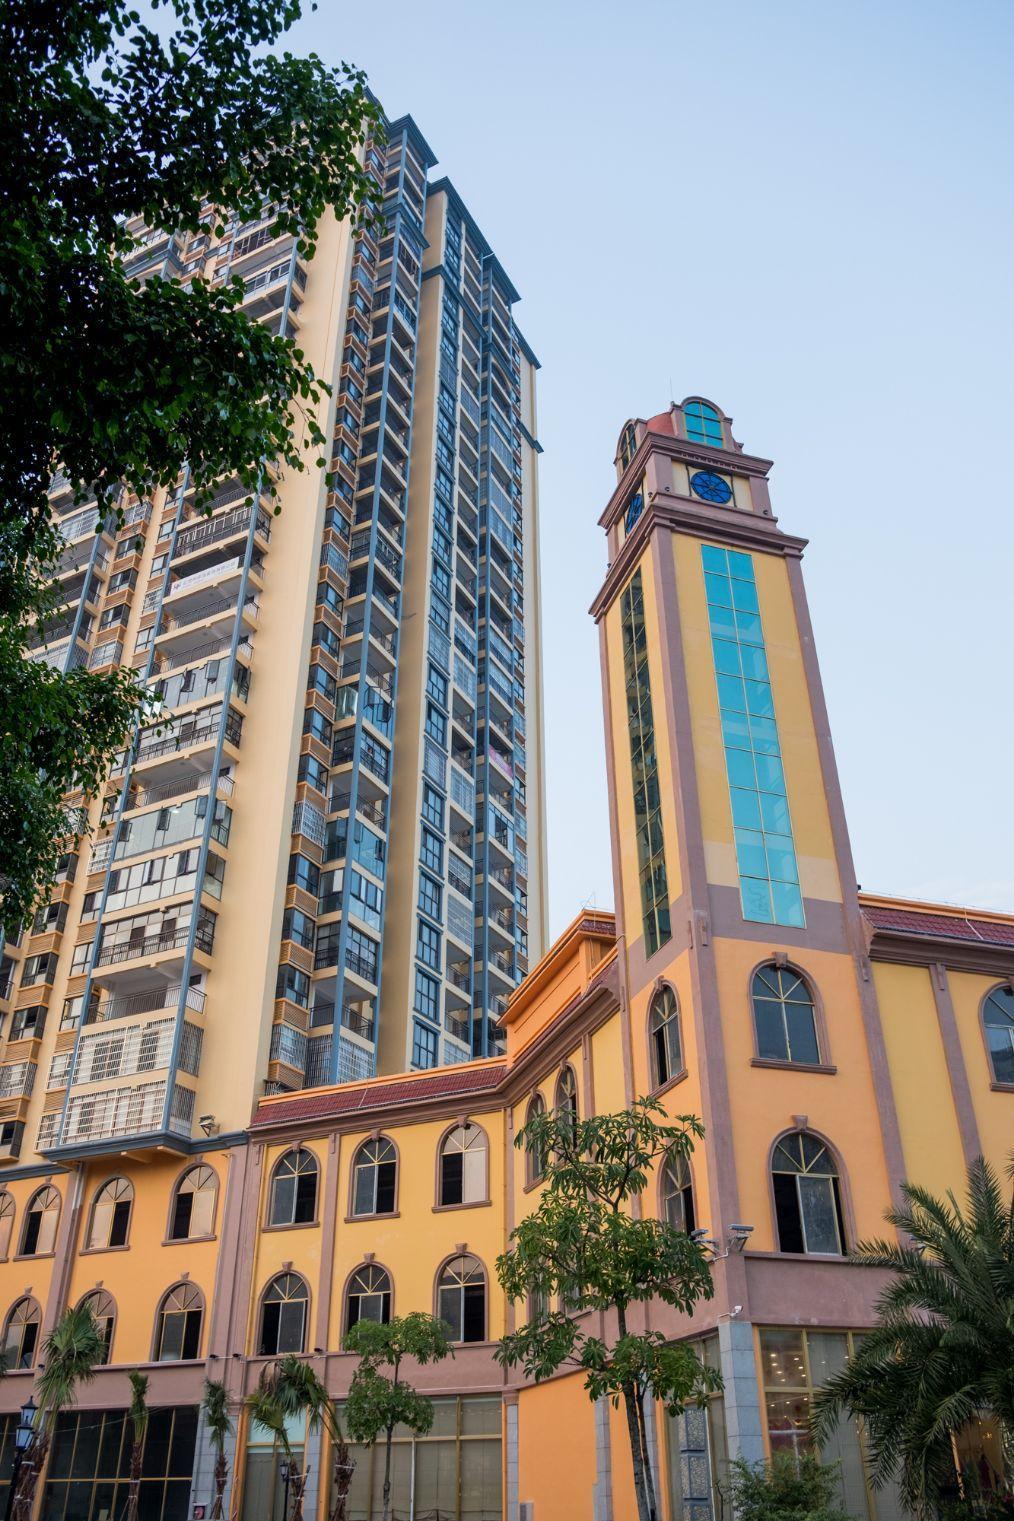 中越交界的口岸实拍:对面越南的省会城市不如中国这边的县城发达